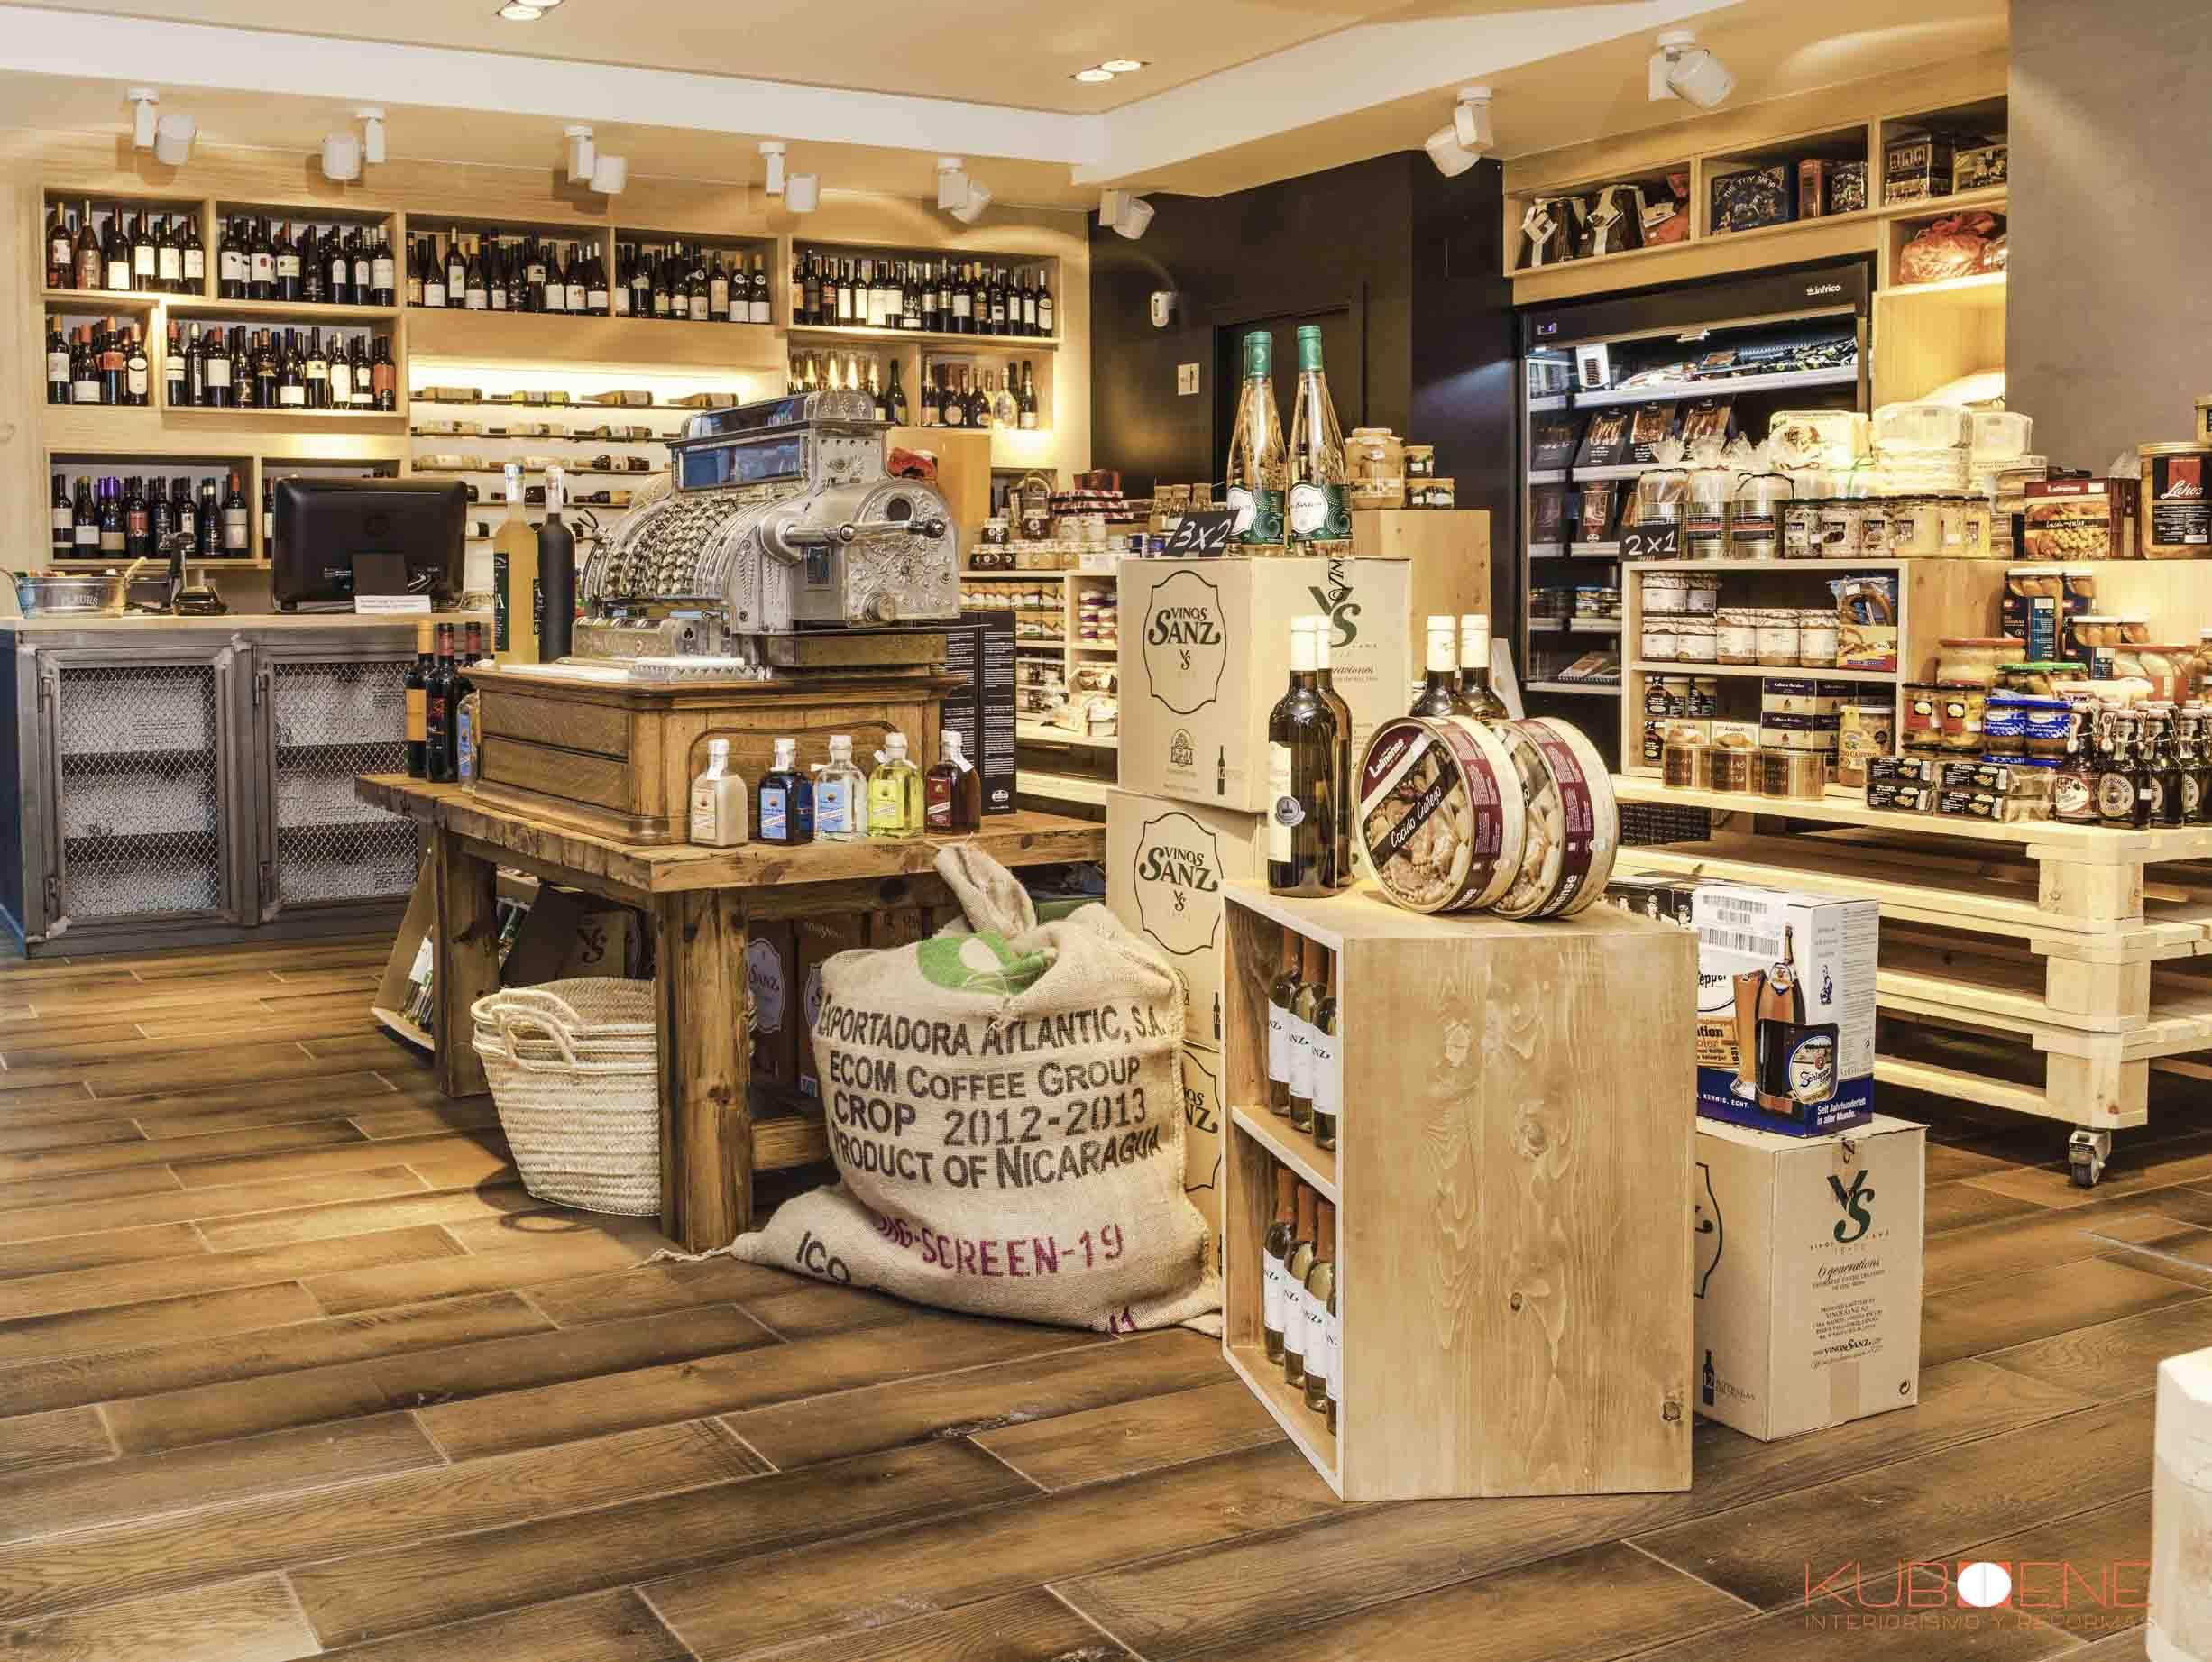 Abarrotes, tienda de productos Gourmet By Kuboene. Interiorista ...